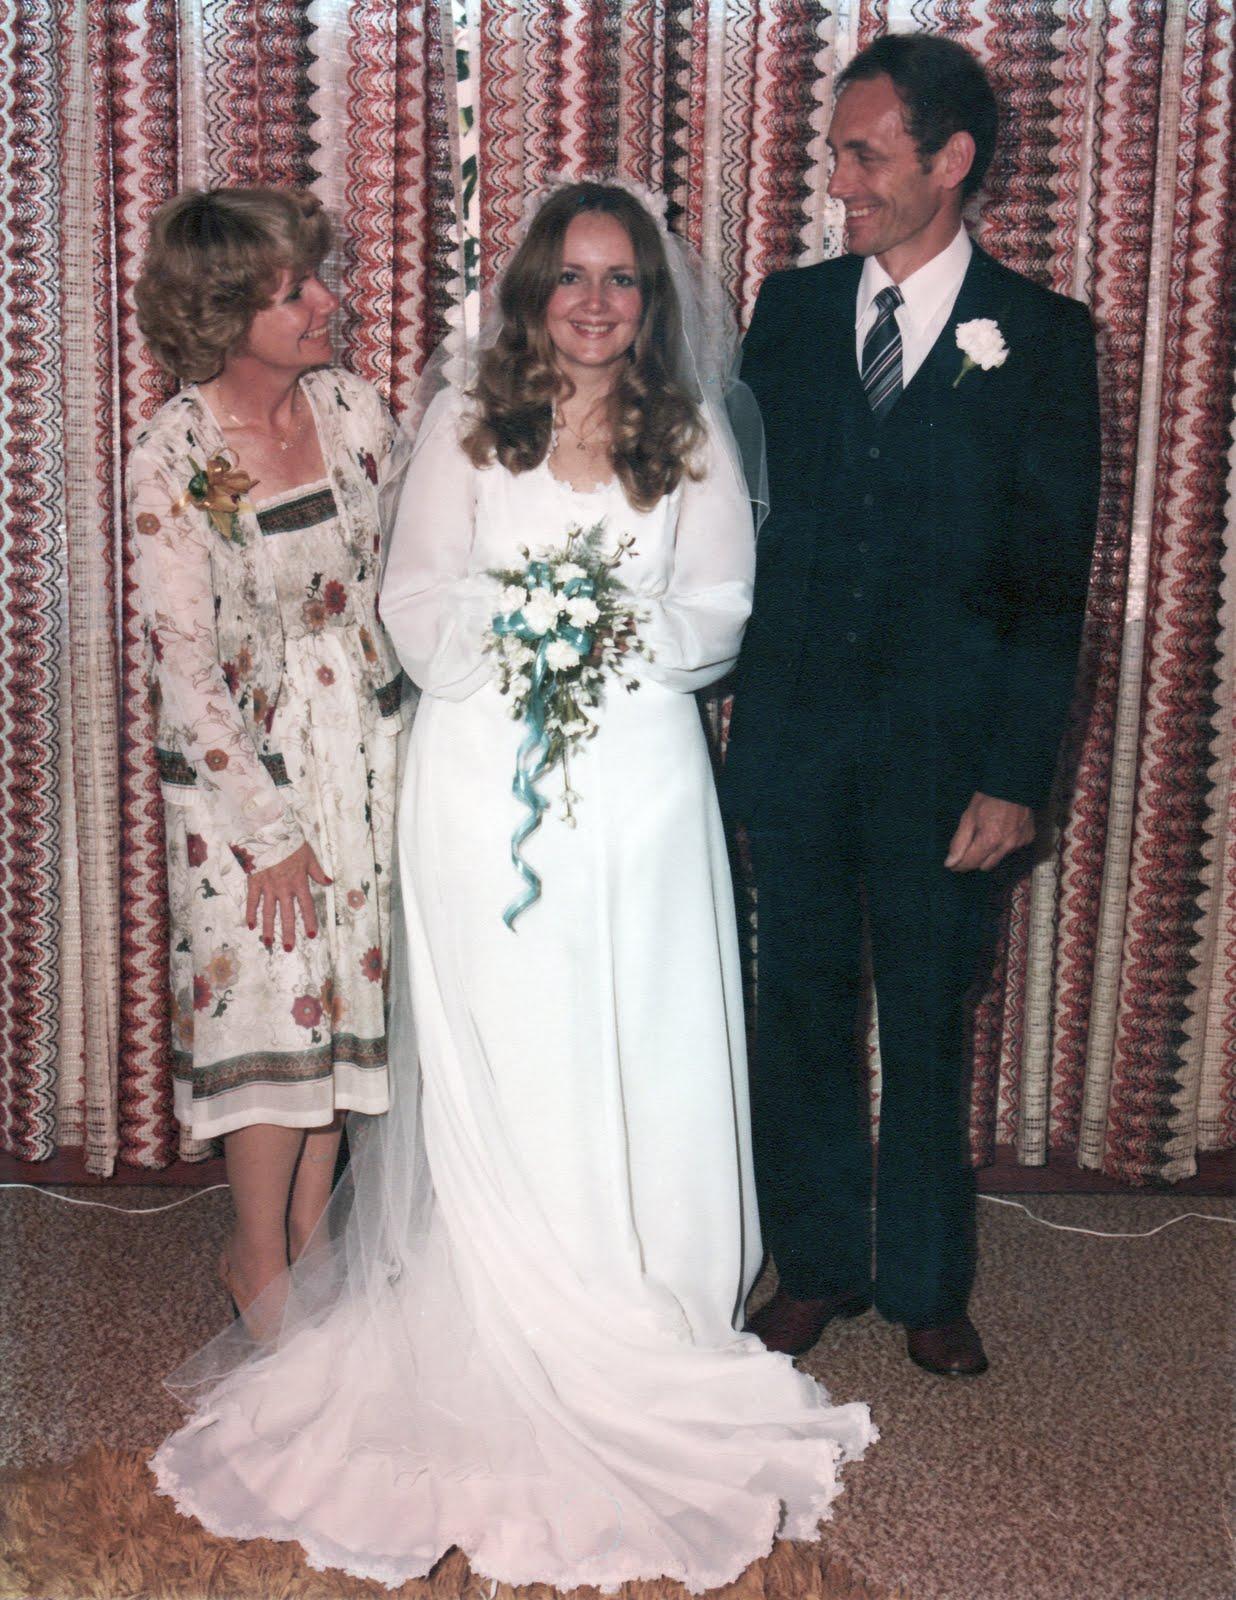 Elliott Family - Our Journey